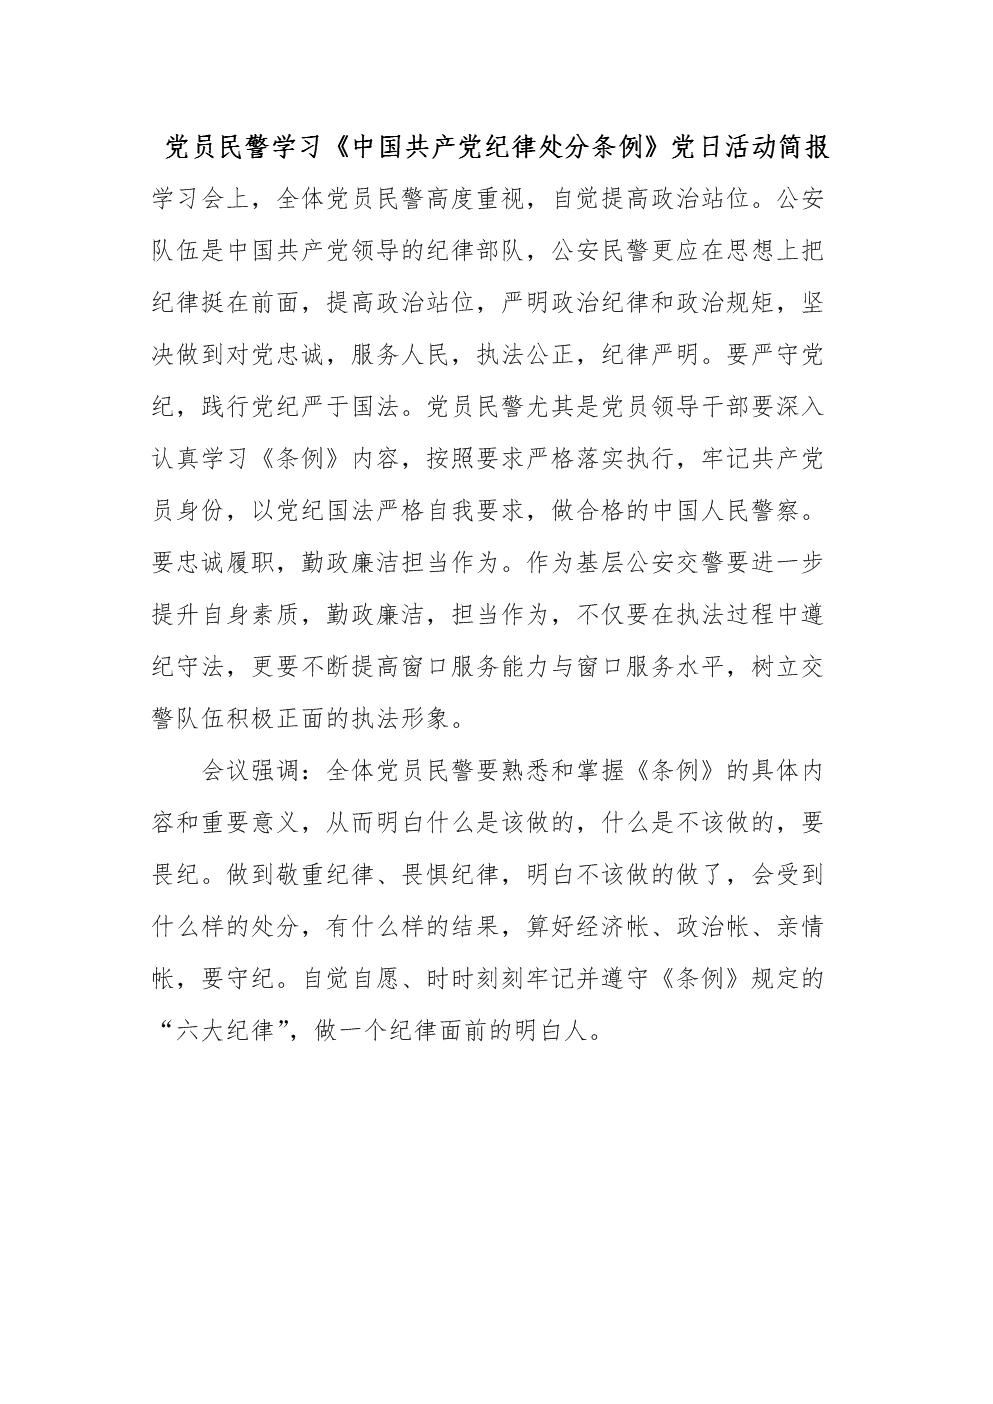 党员民警学习《中国共产党纪律处分条例》党日活动简报.docx